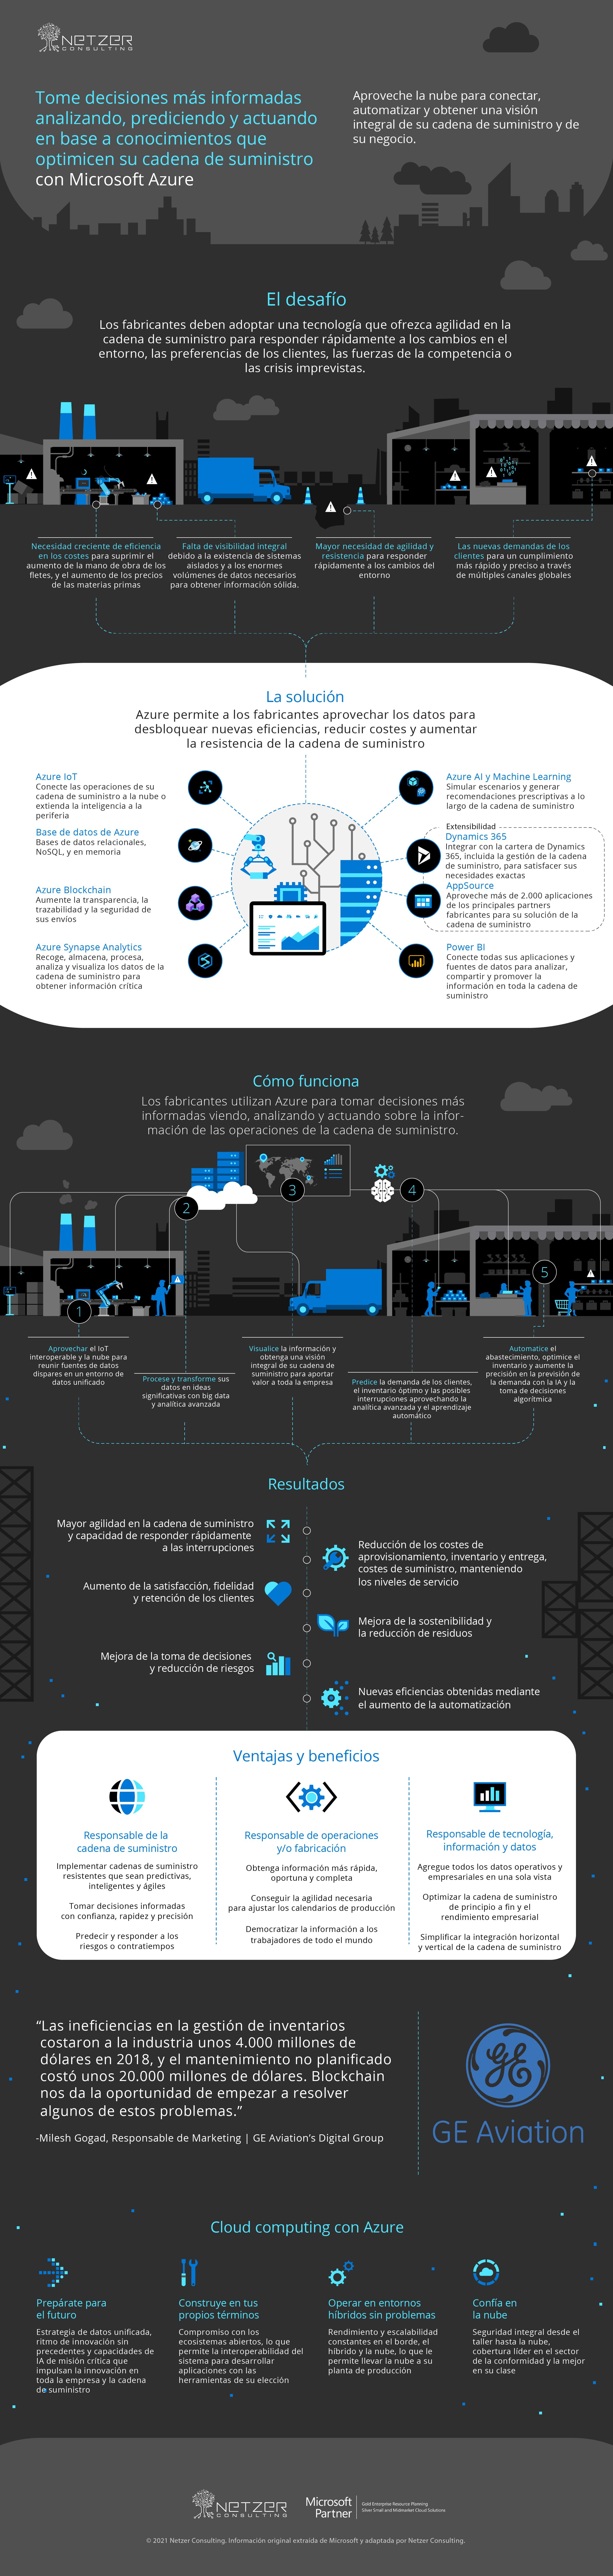 Rumbo a la Industria 4.0 con Microsoft Azure